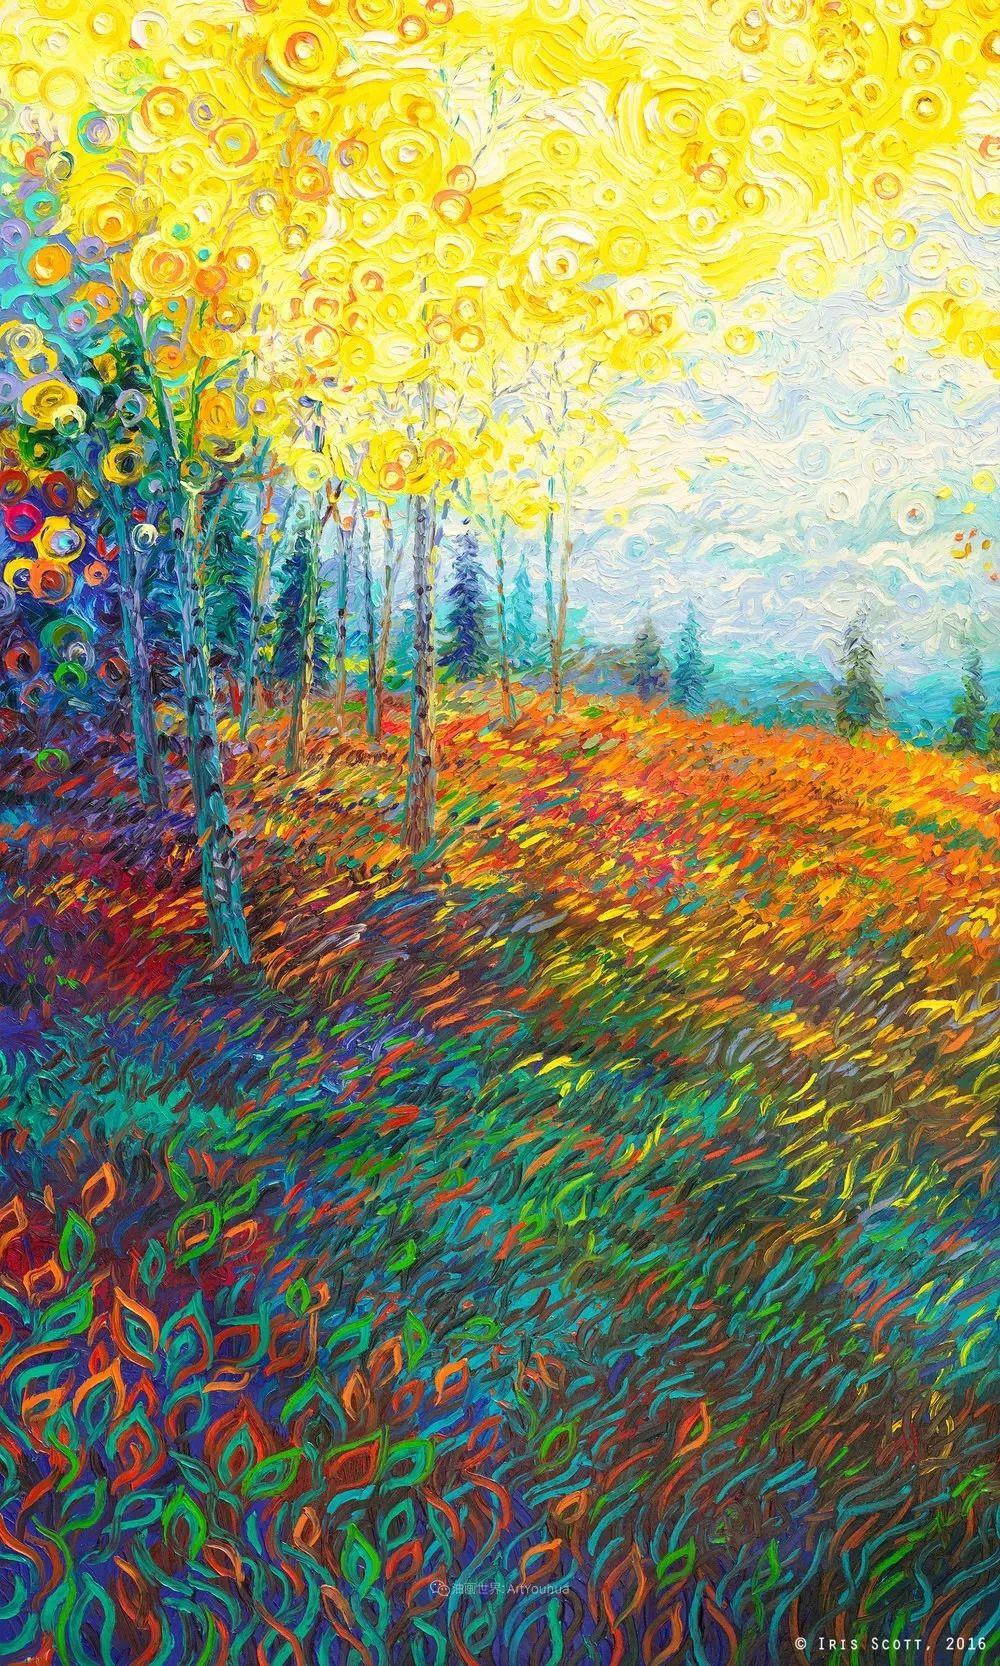 她用指尖来革新艺术世界,美国画家Iris Scott画选(上)插图41